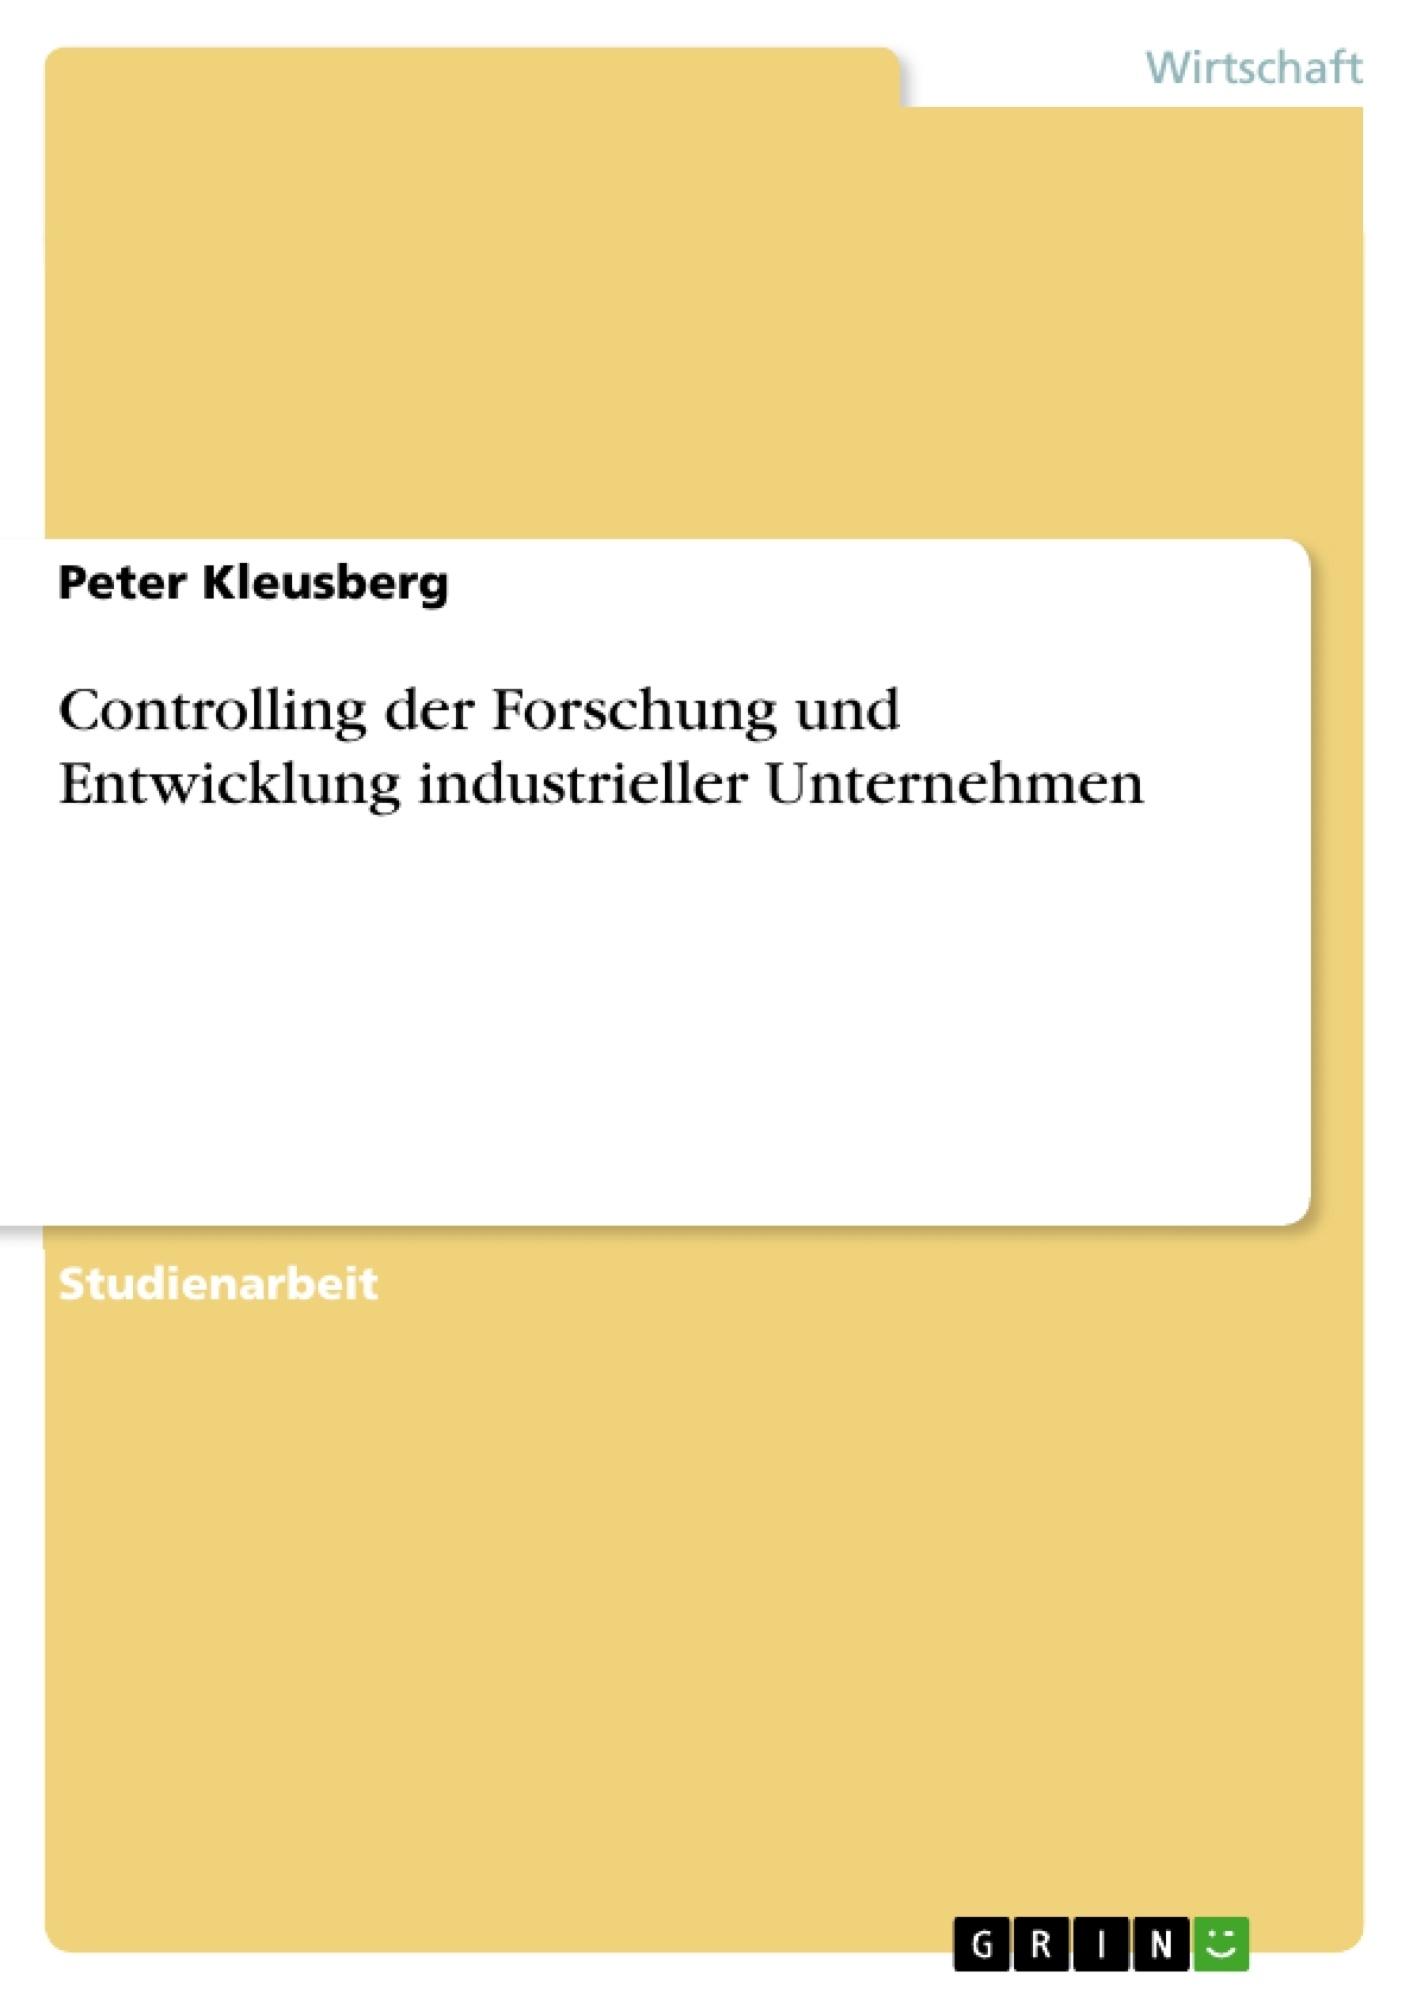 Titel: Controlling der Forschung und Entwicklung industrieller Unternehmen